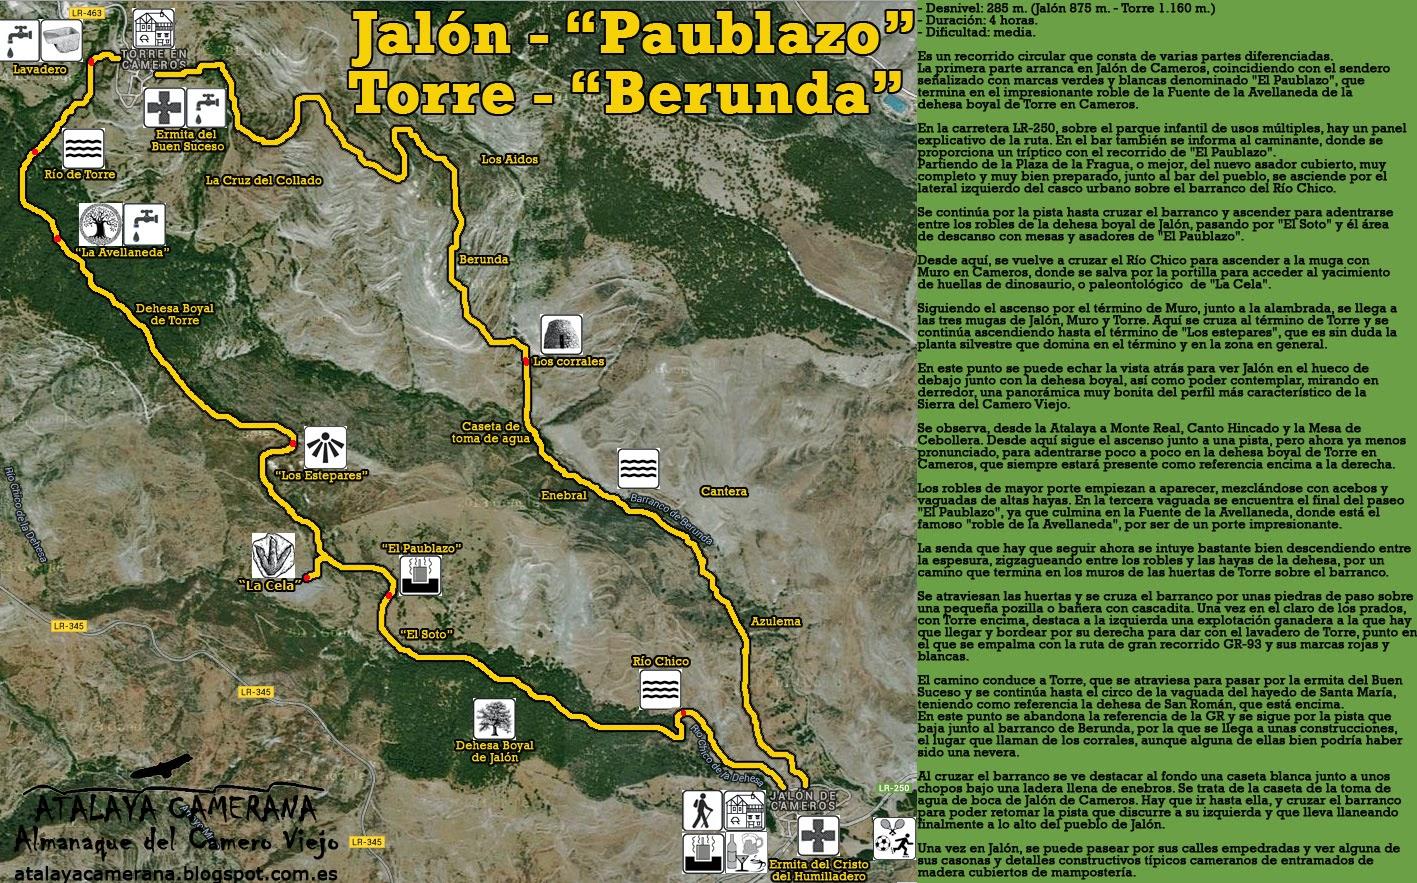 """Ruta de Senderismo: Jalón de Cameros """"El Paublazo"""" - Torre en Cameros """"Berunda"""""""